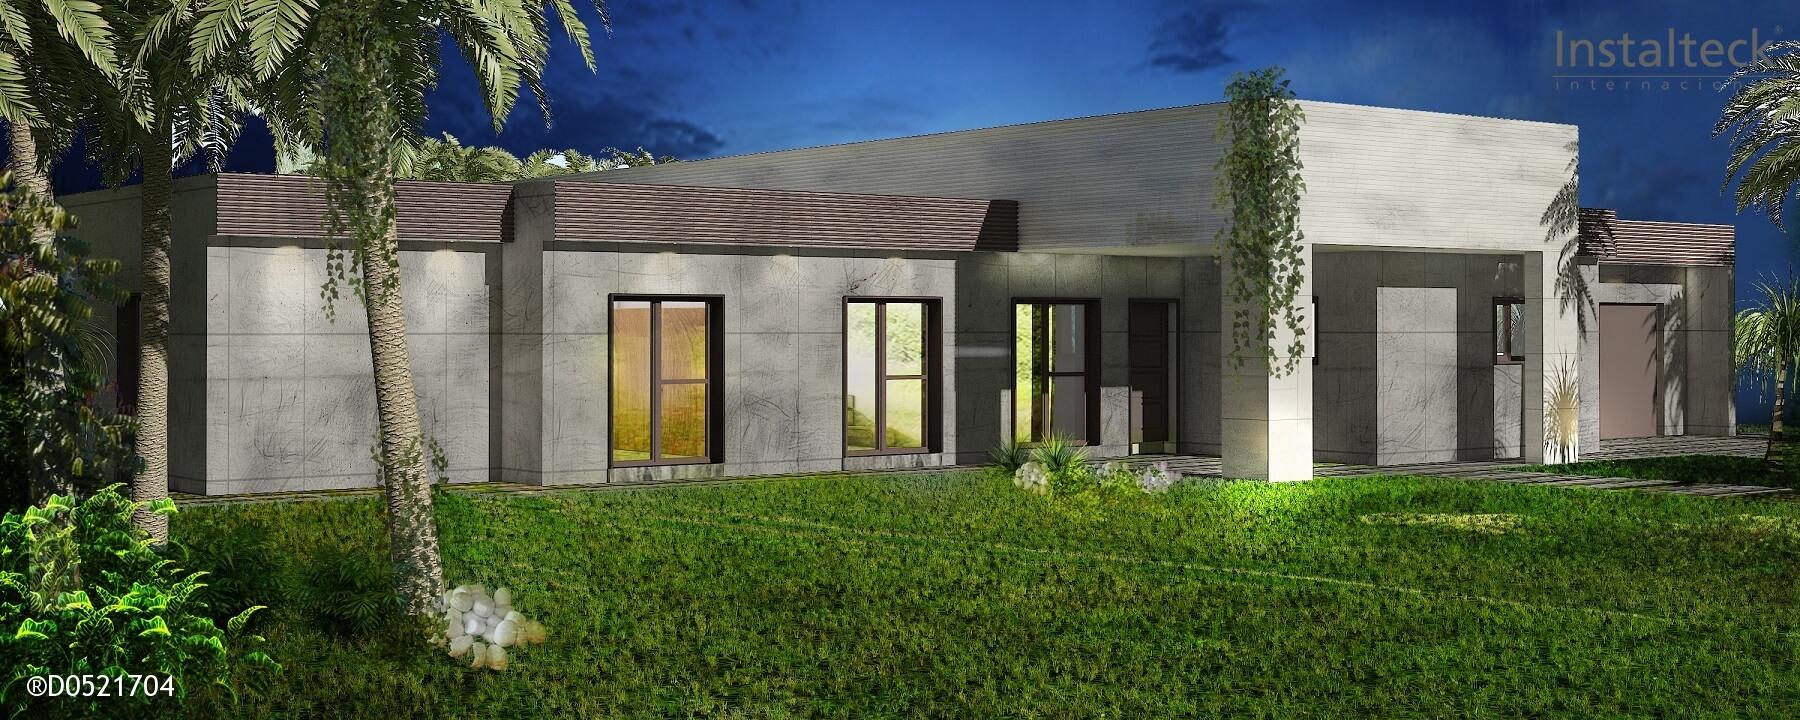 Modelo de casa modular 297. Exterior 1